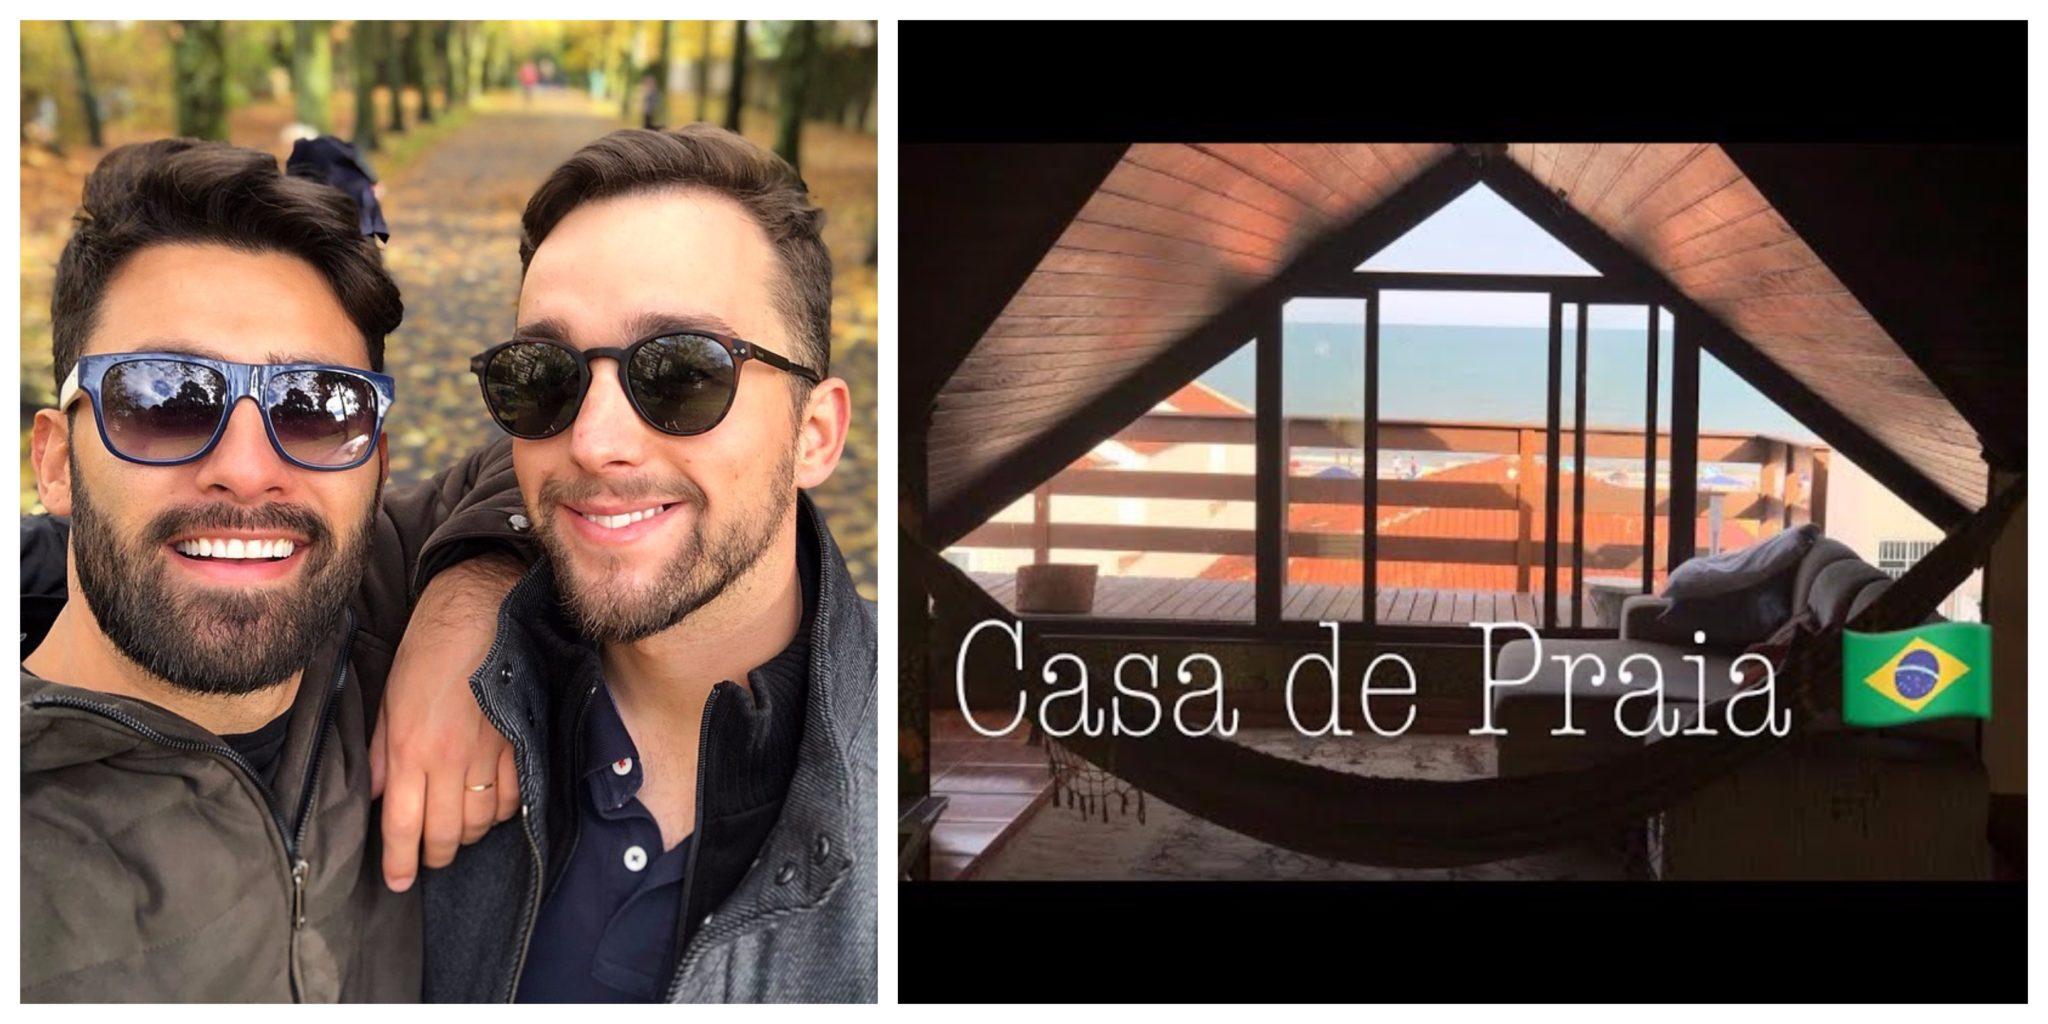 Tiago Luan casa de praia brasil